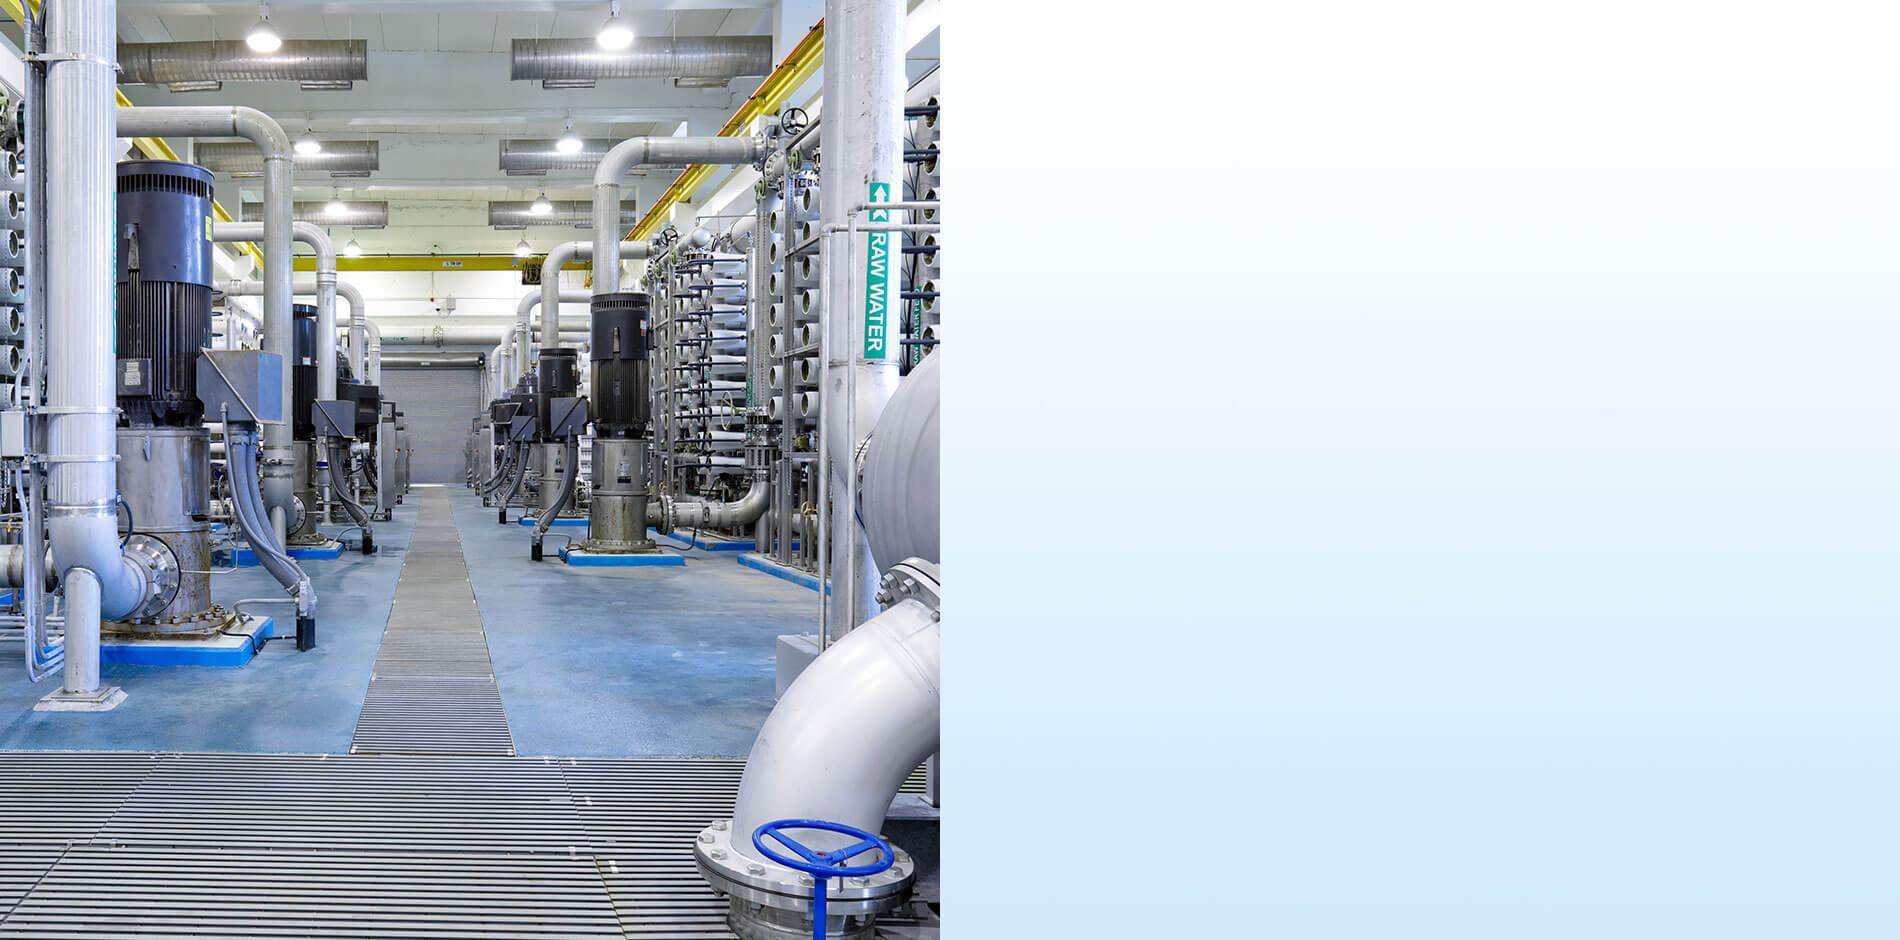 الكفاءة في الطاقة والمياه: تحلية المياه